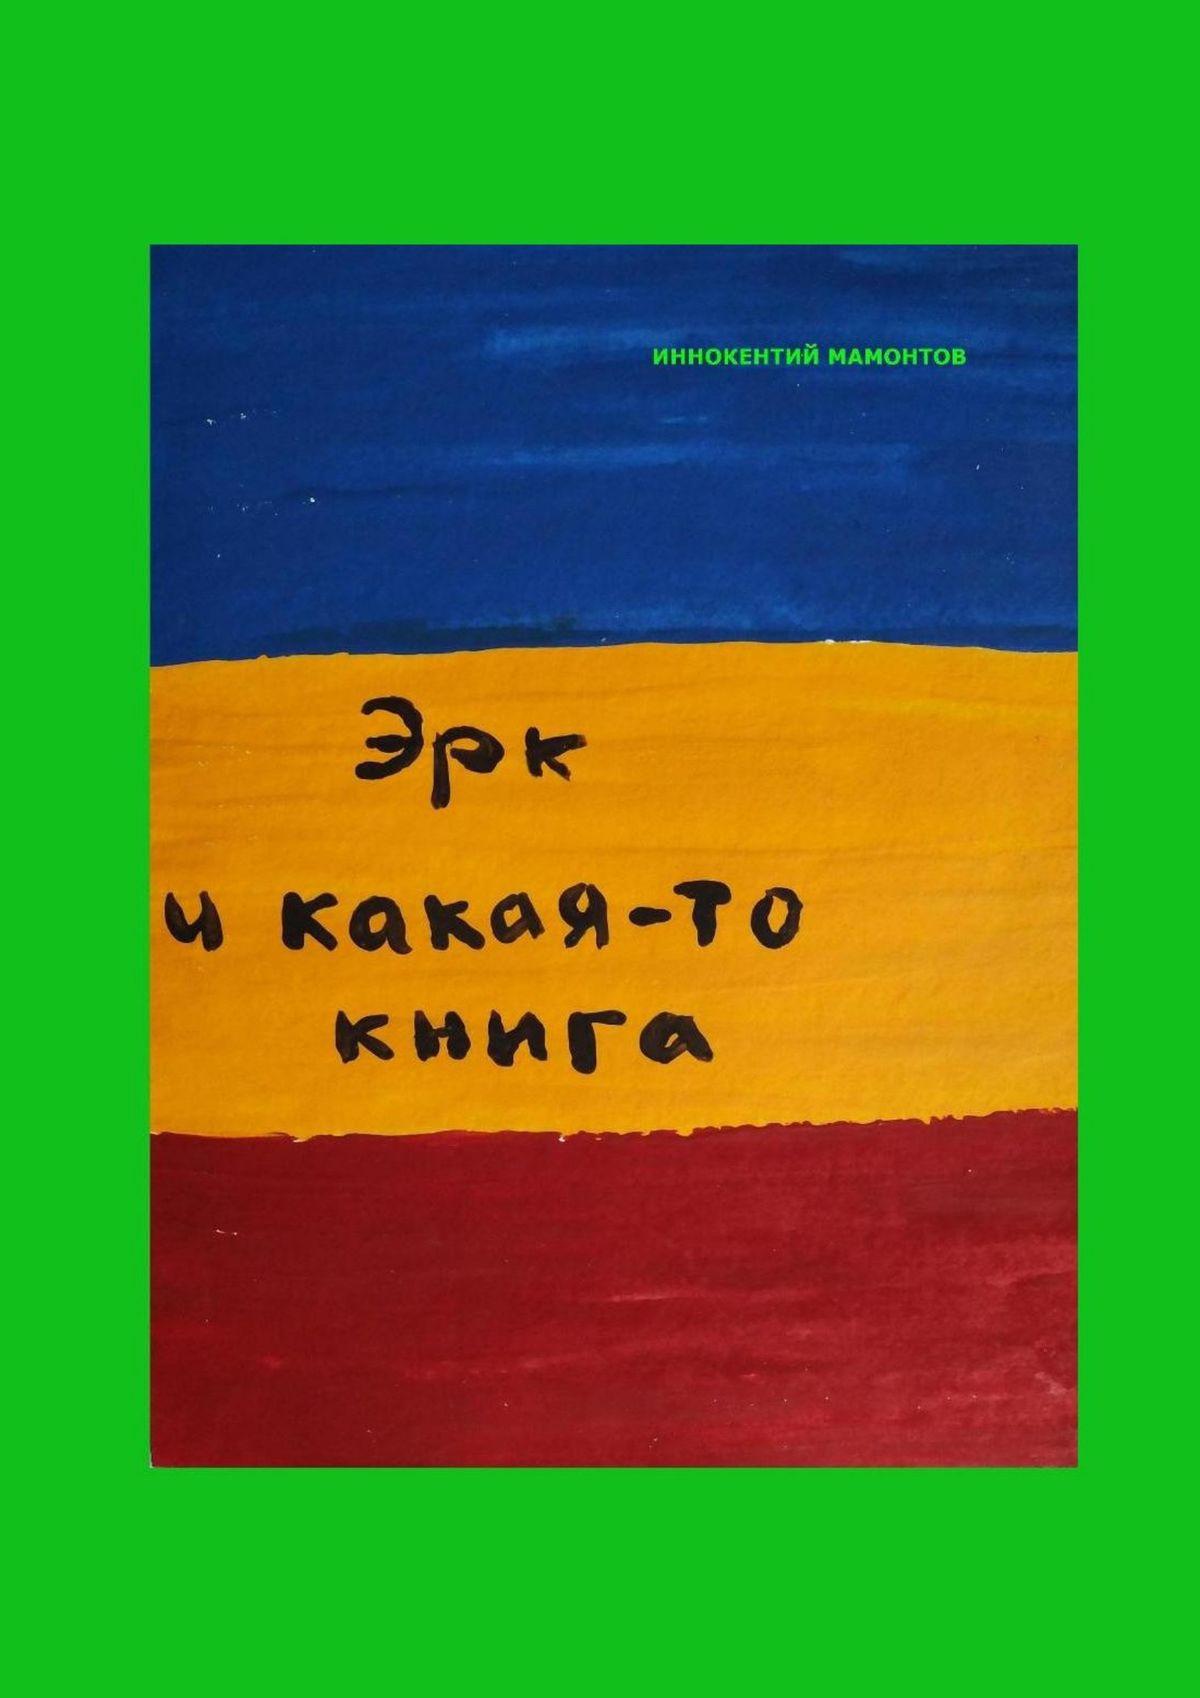 Иннокентий Алексеевич Мамонтов Эрк икакая-то книга иннокентий мамонтов несуществующая книга